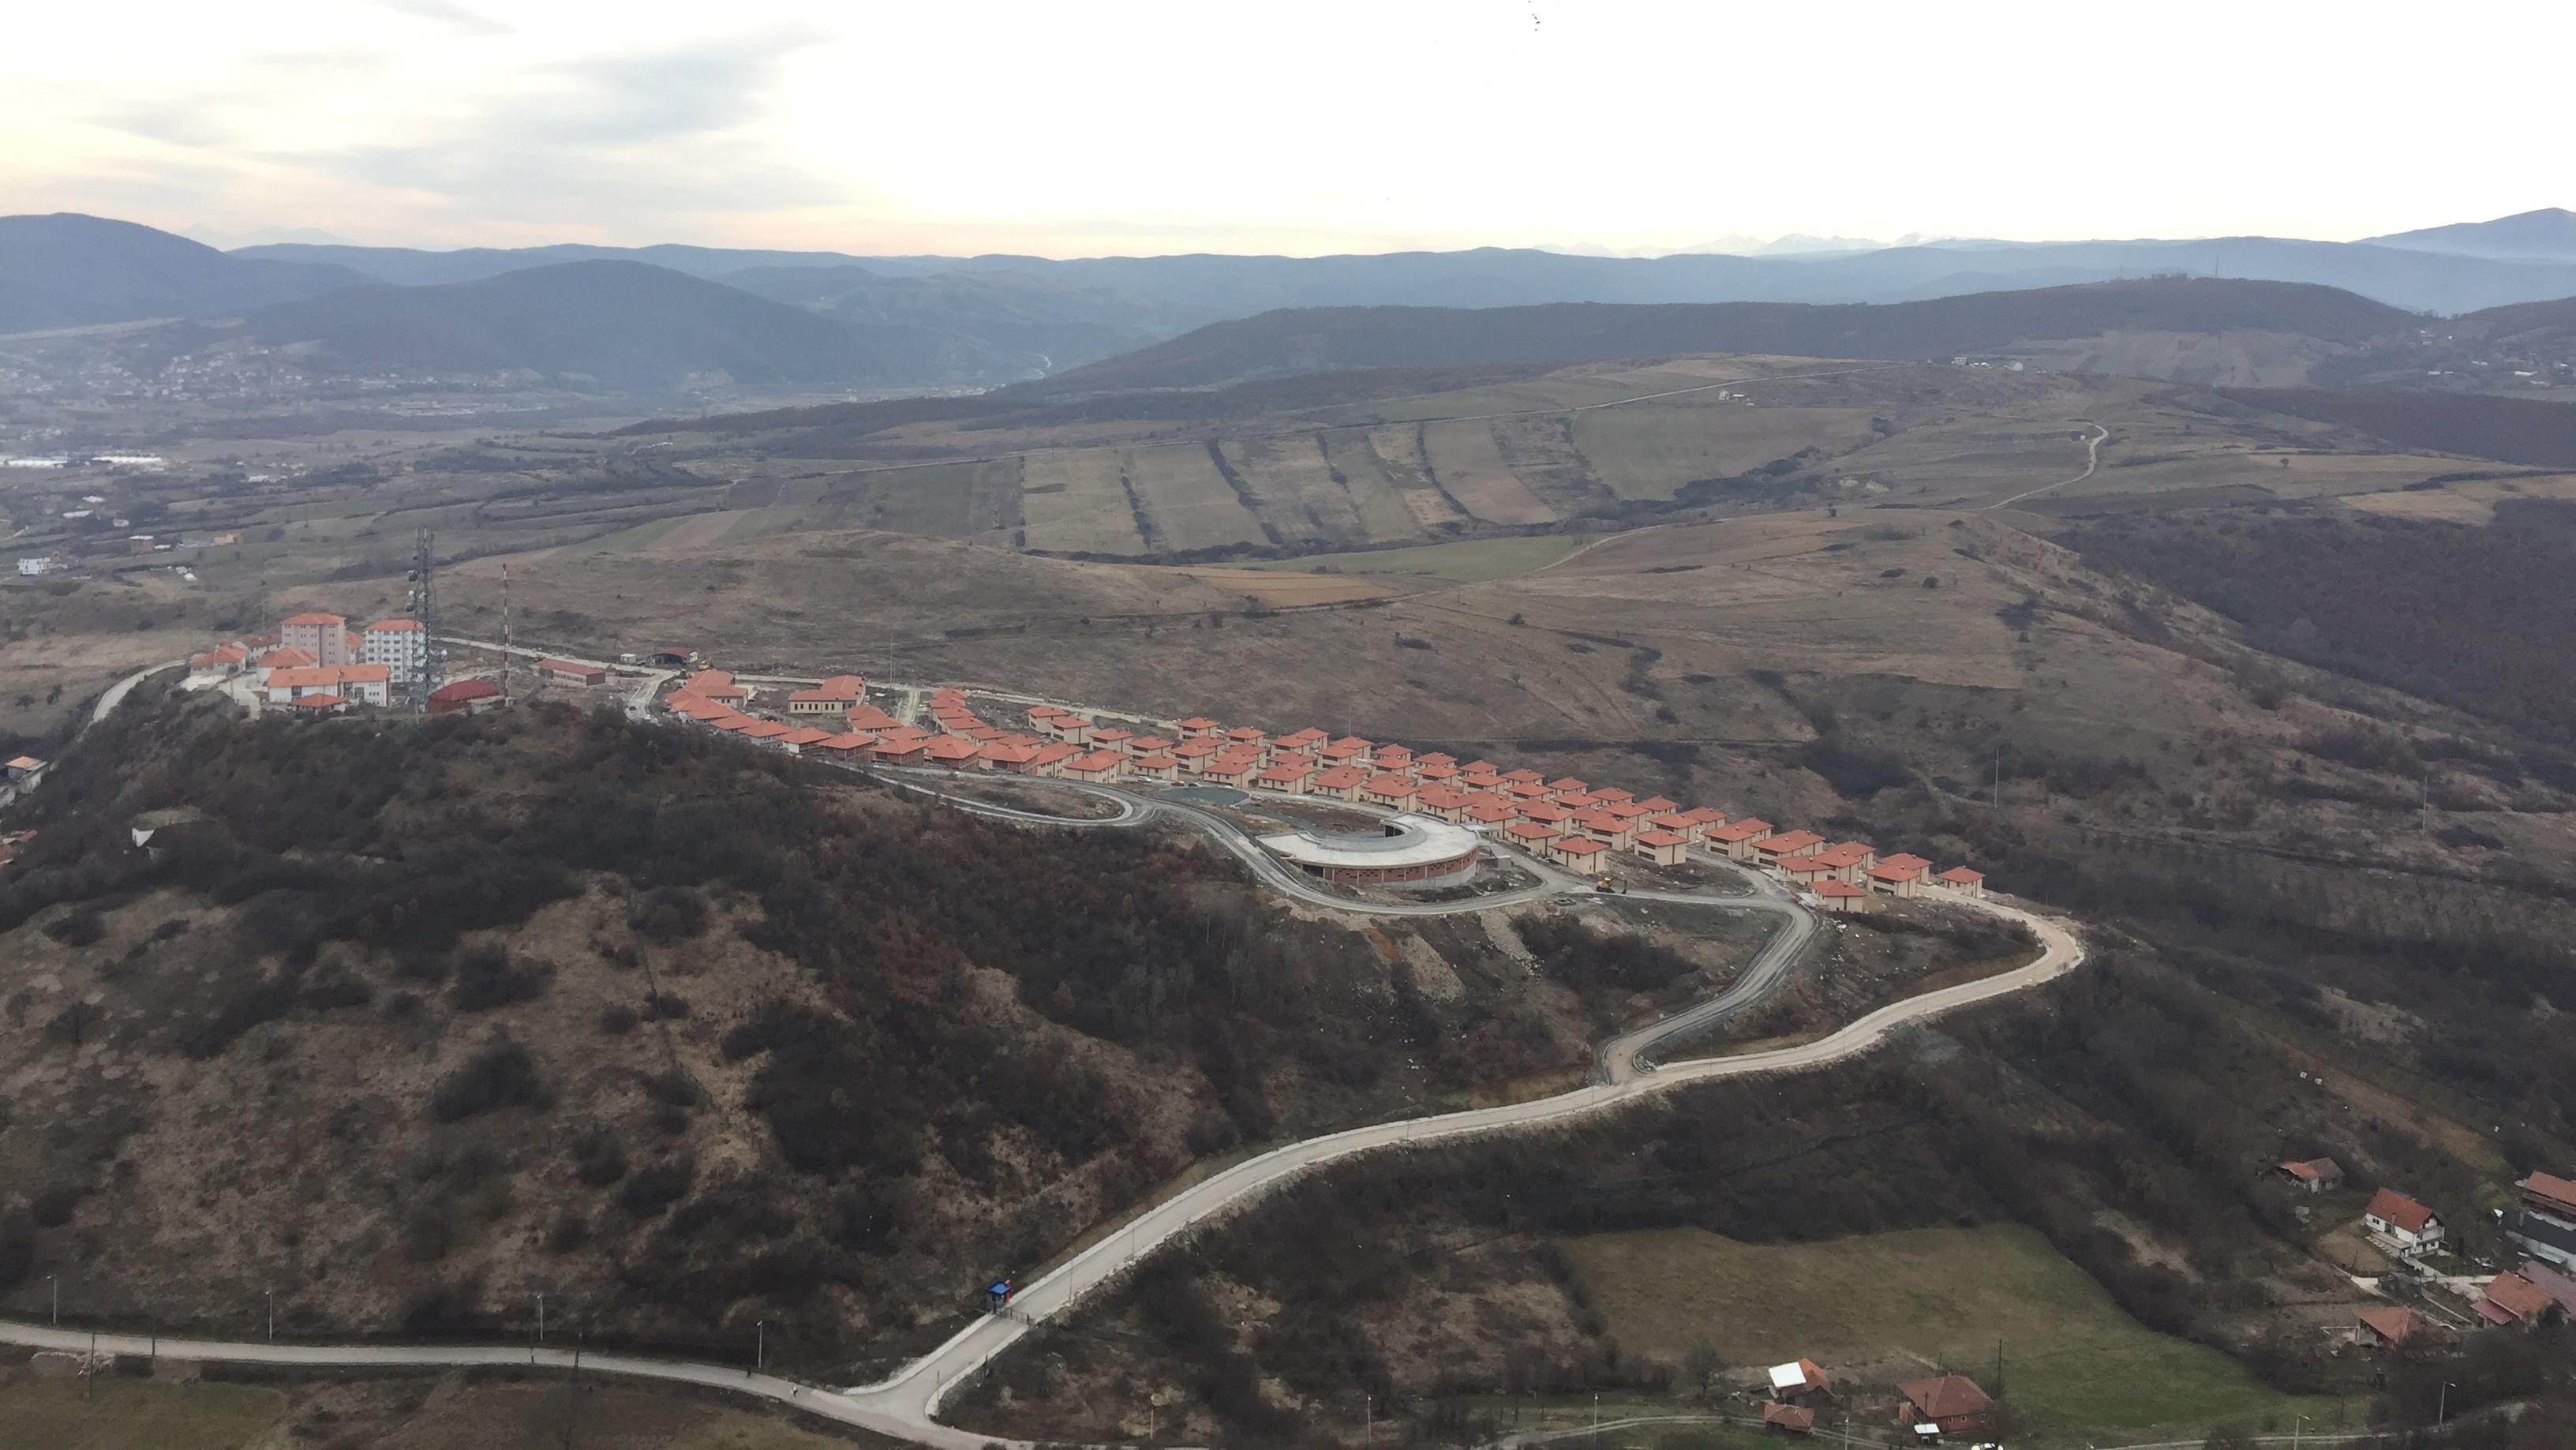 albanci-sa-severa-najavljuju-strajk-zbog-nedostatka-investicija-kosovske-vlade